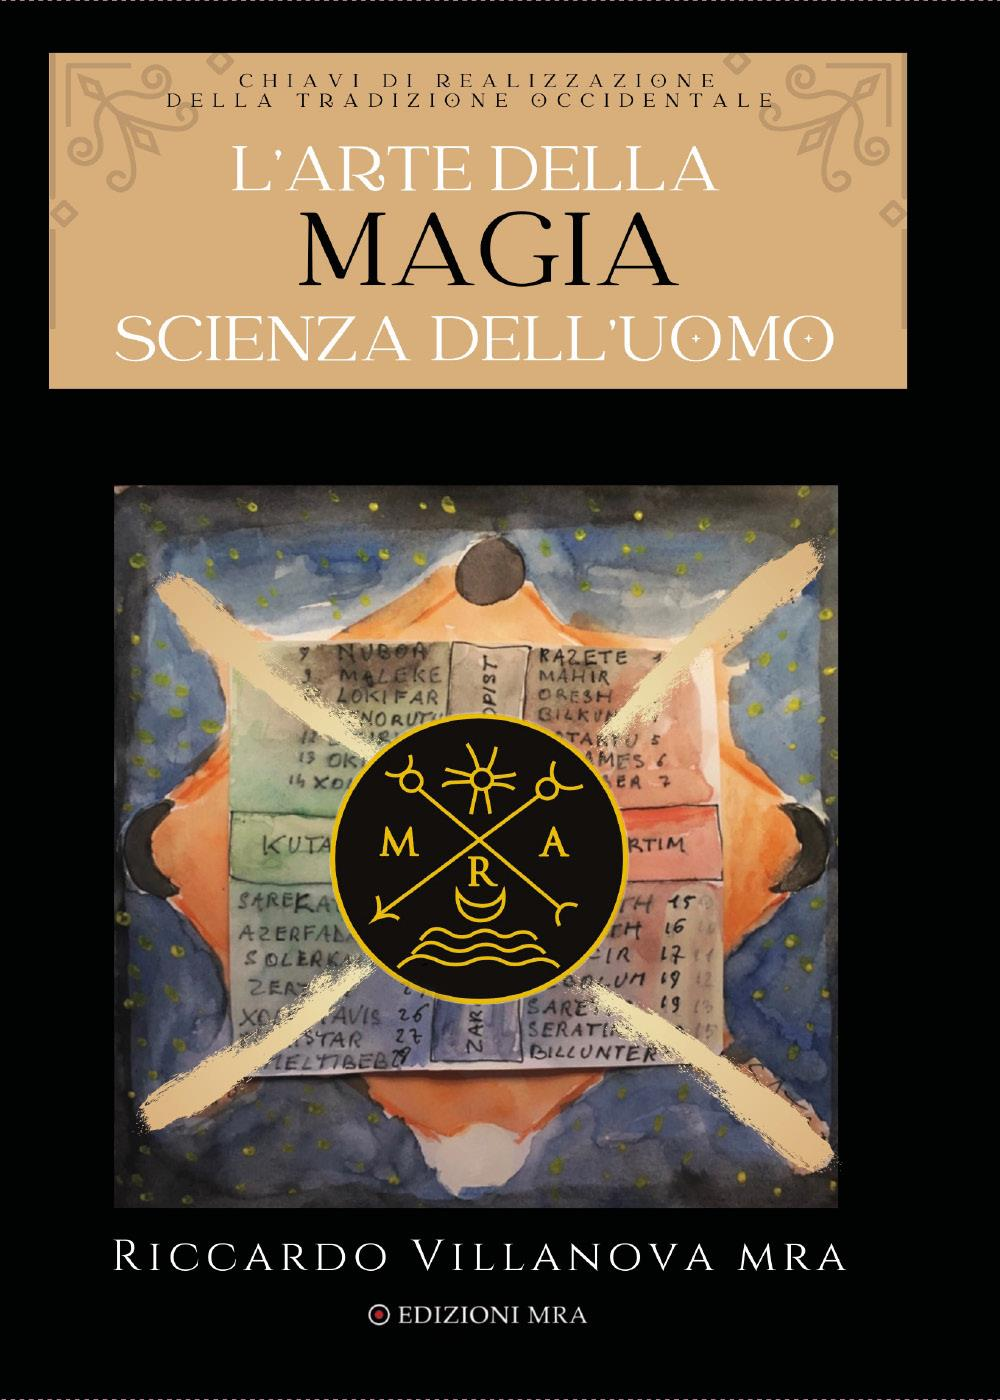 L'Arte della Magia, Scienza dell'Uomo